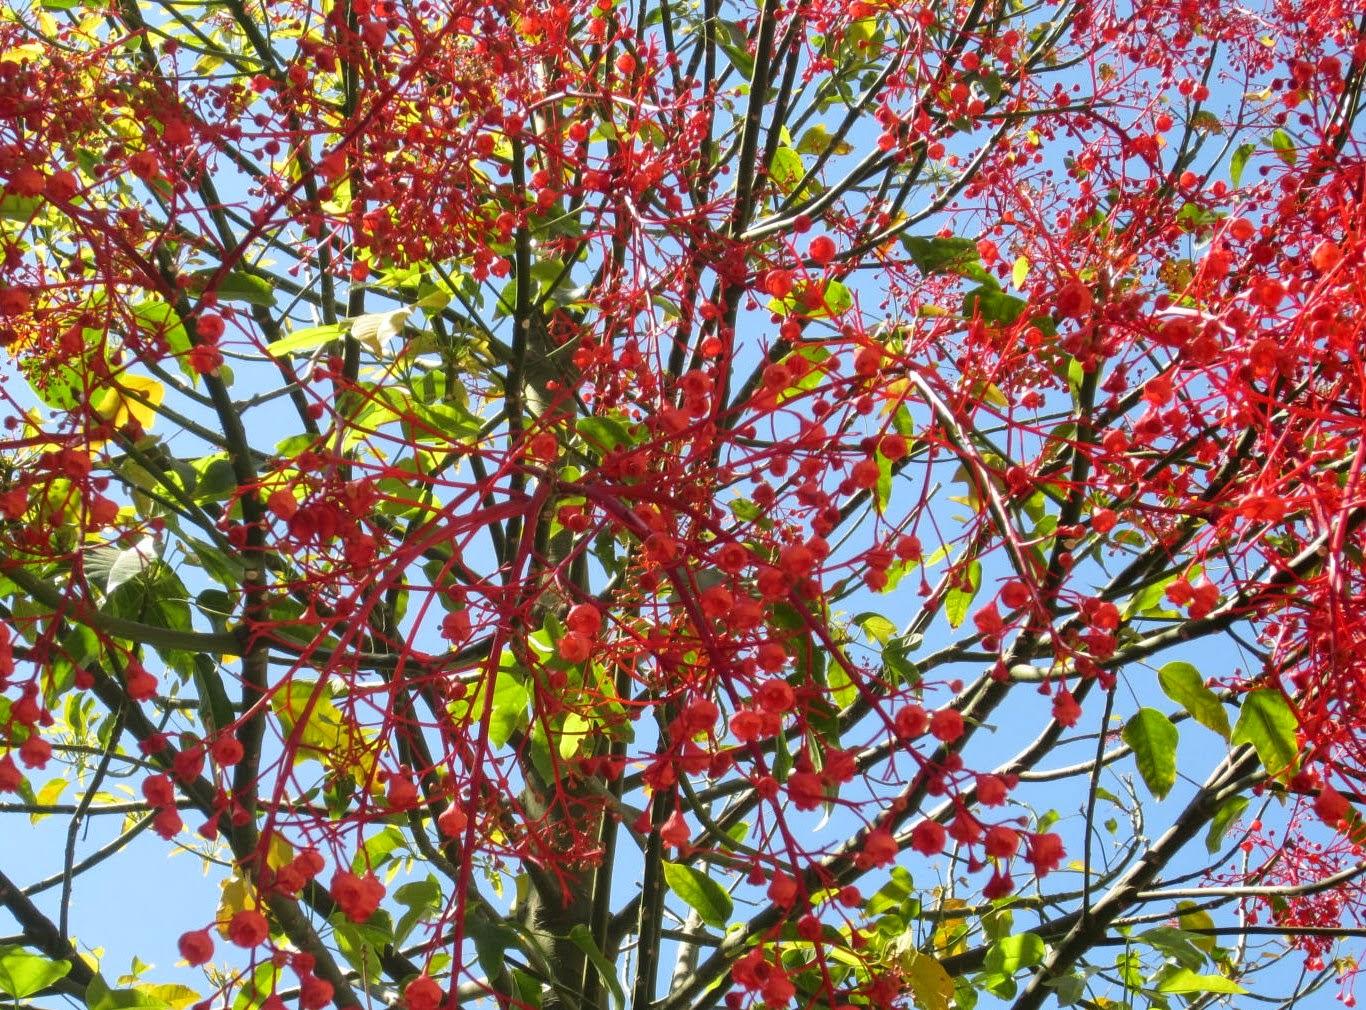 Hilo rojo rbol del fuego el braquiquito rojo for Arbol del fuego jardin